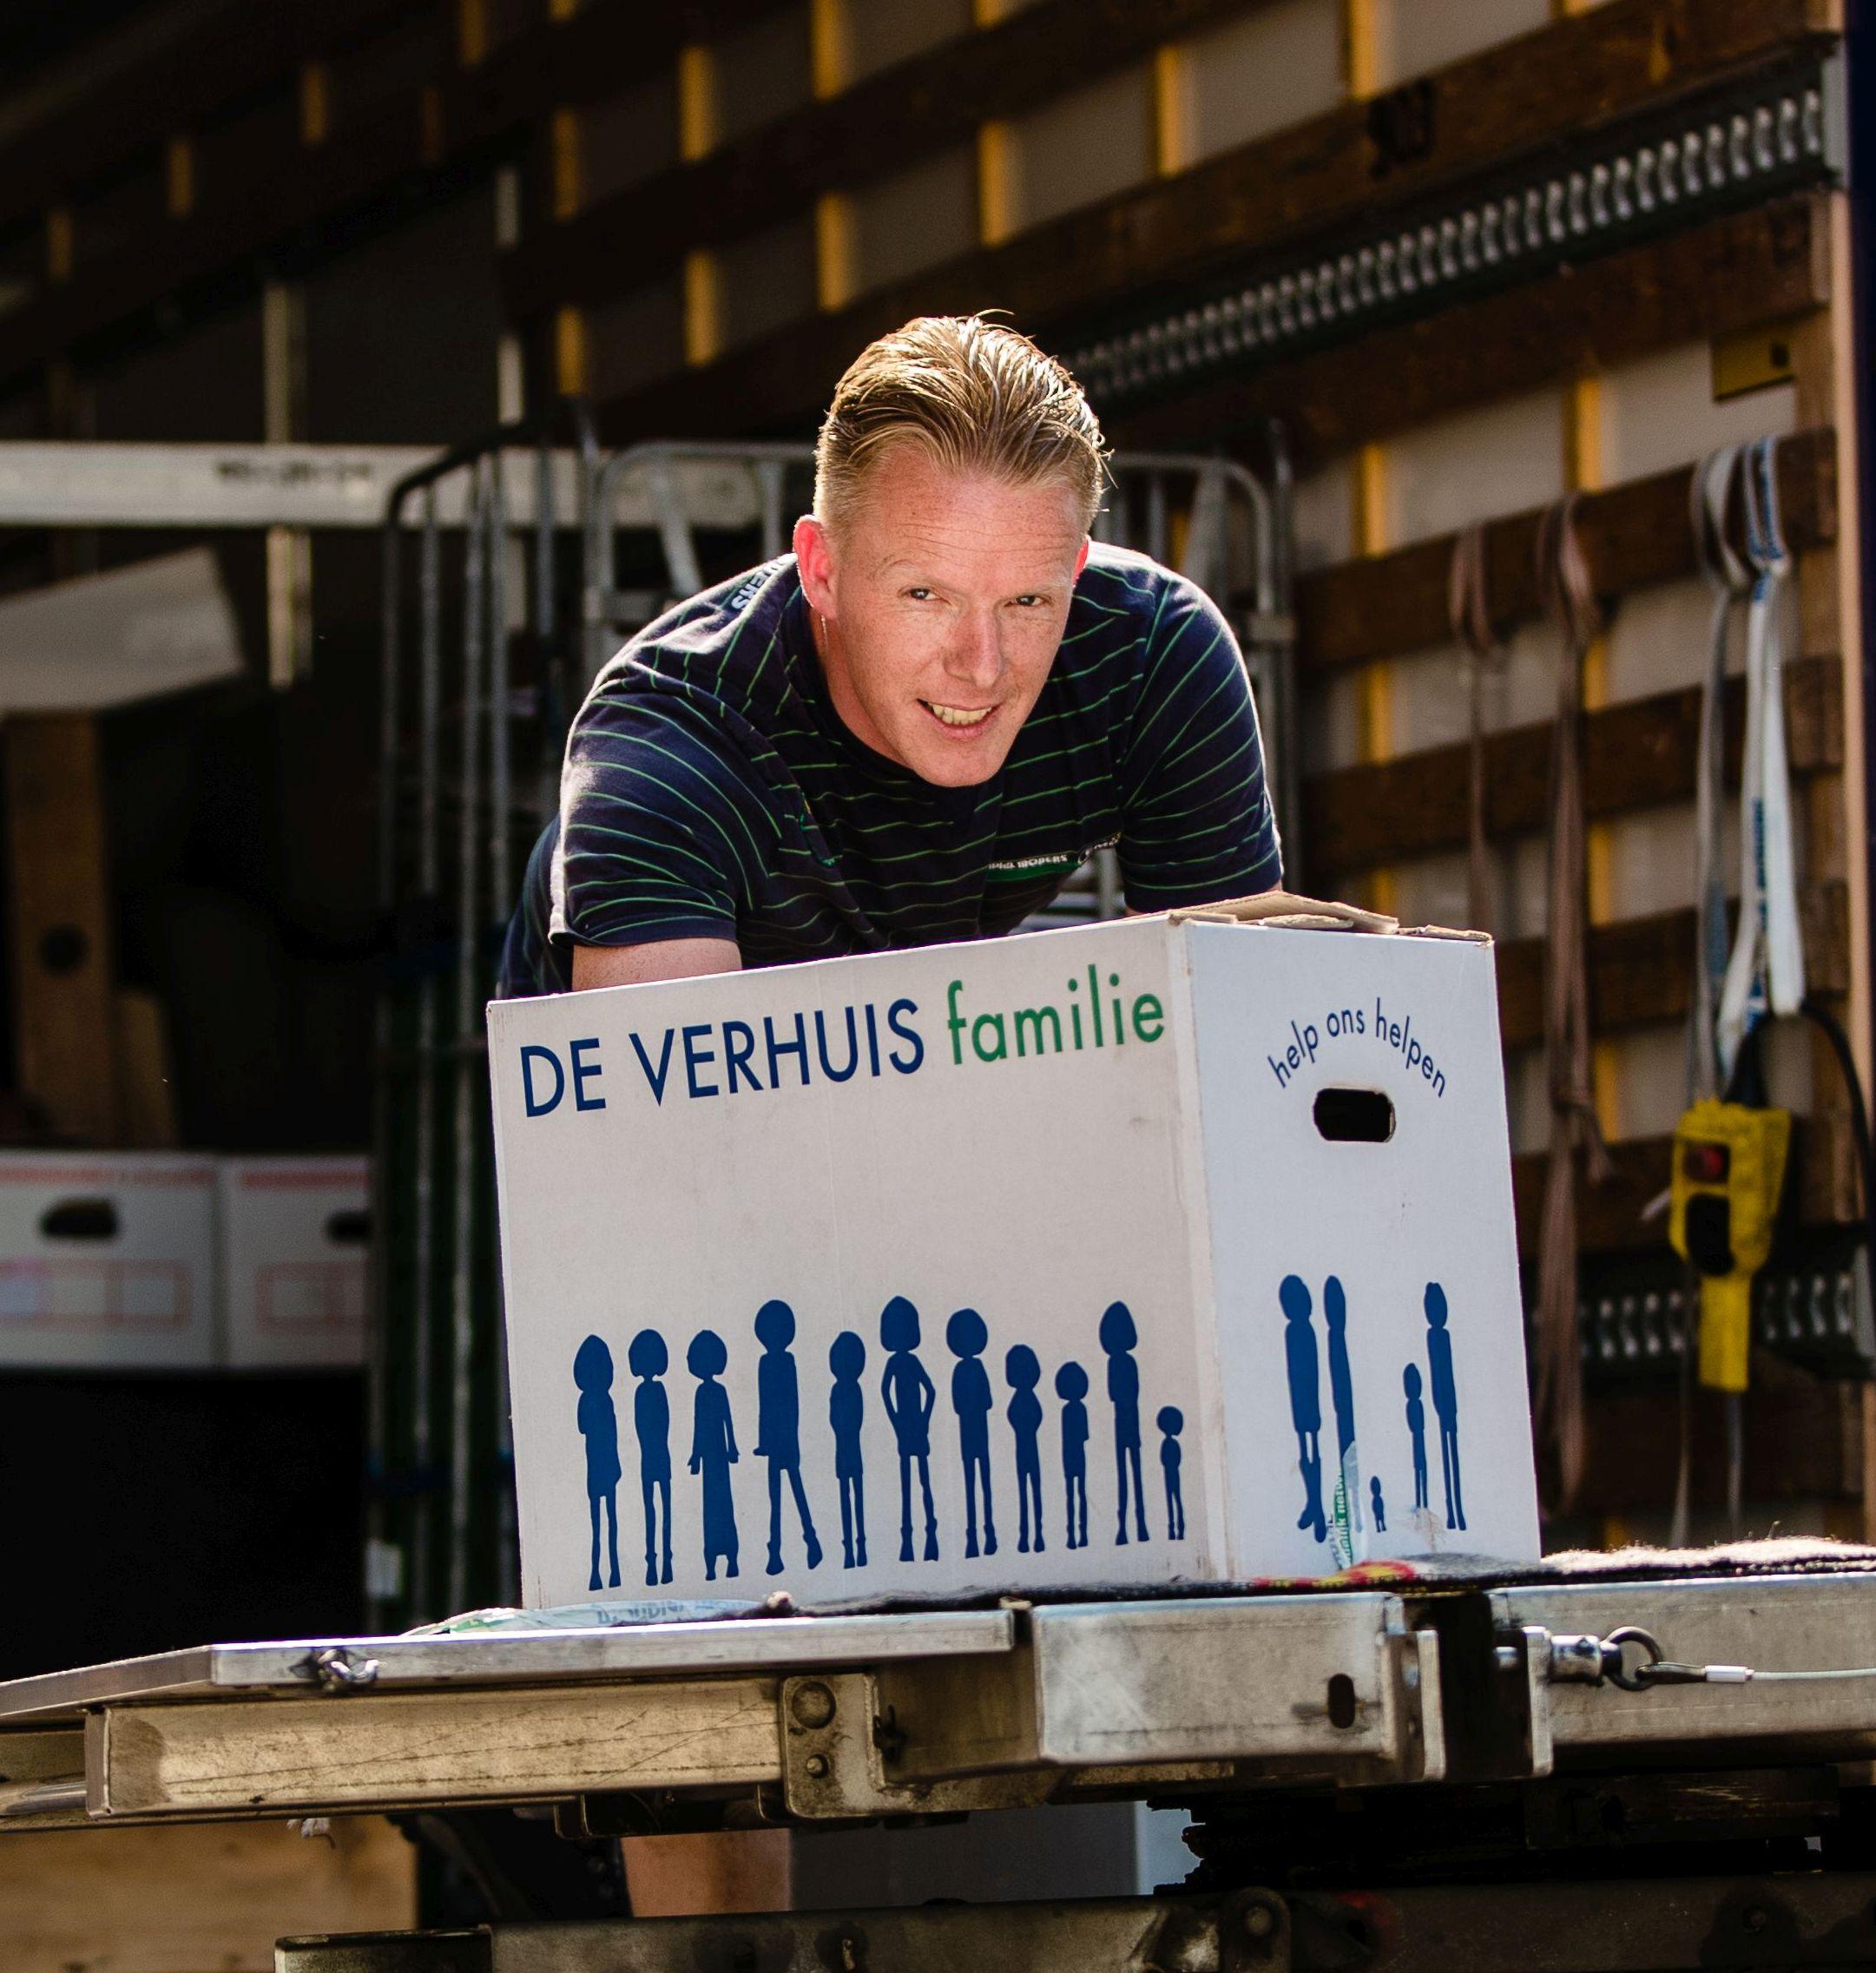 Mondial Waaijenberg steunt De Verhuisfamilie